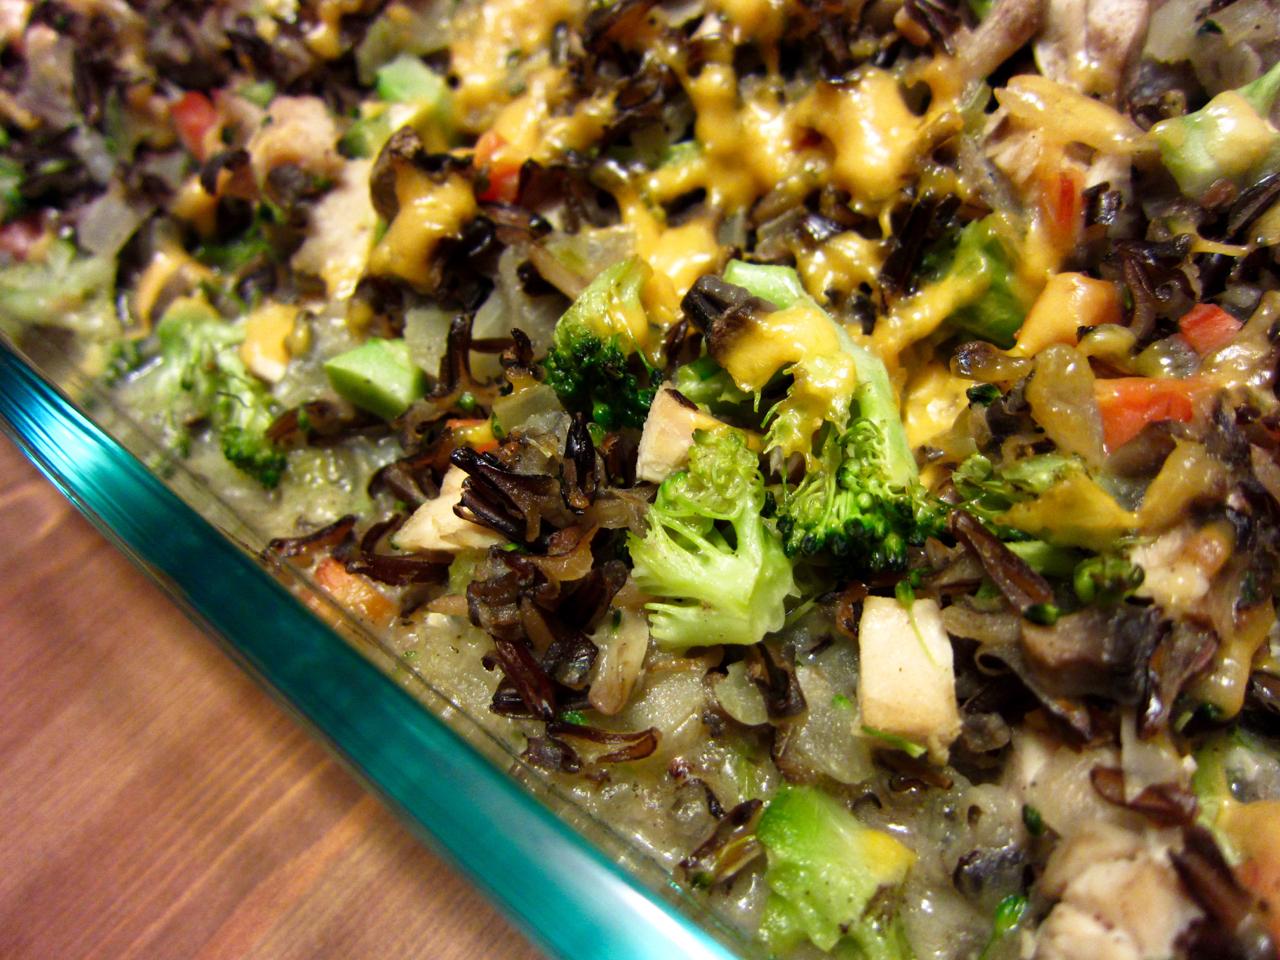 Chicken Broccoli Wild Rice Casserole